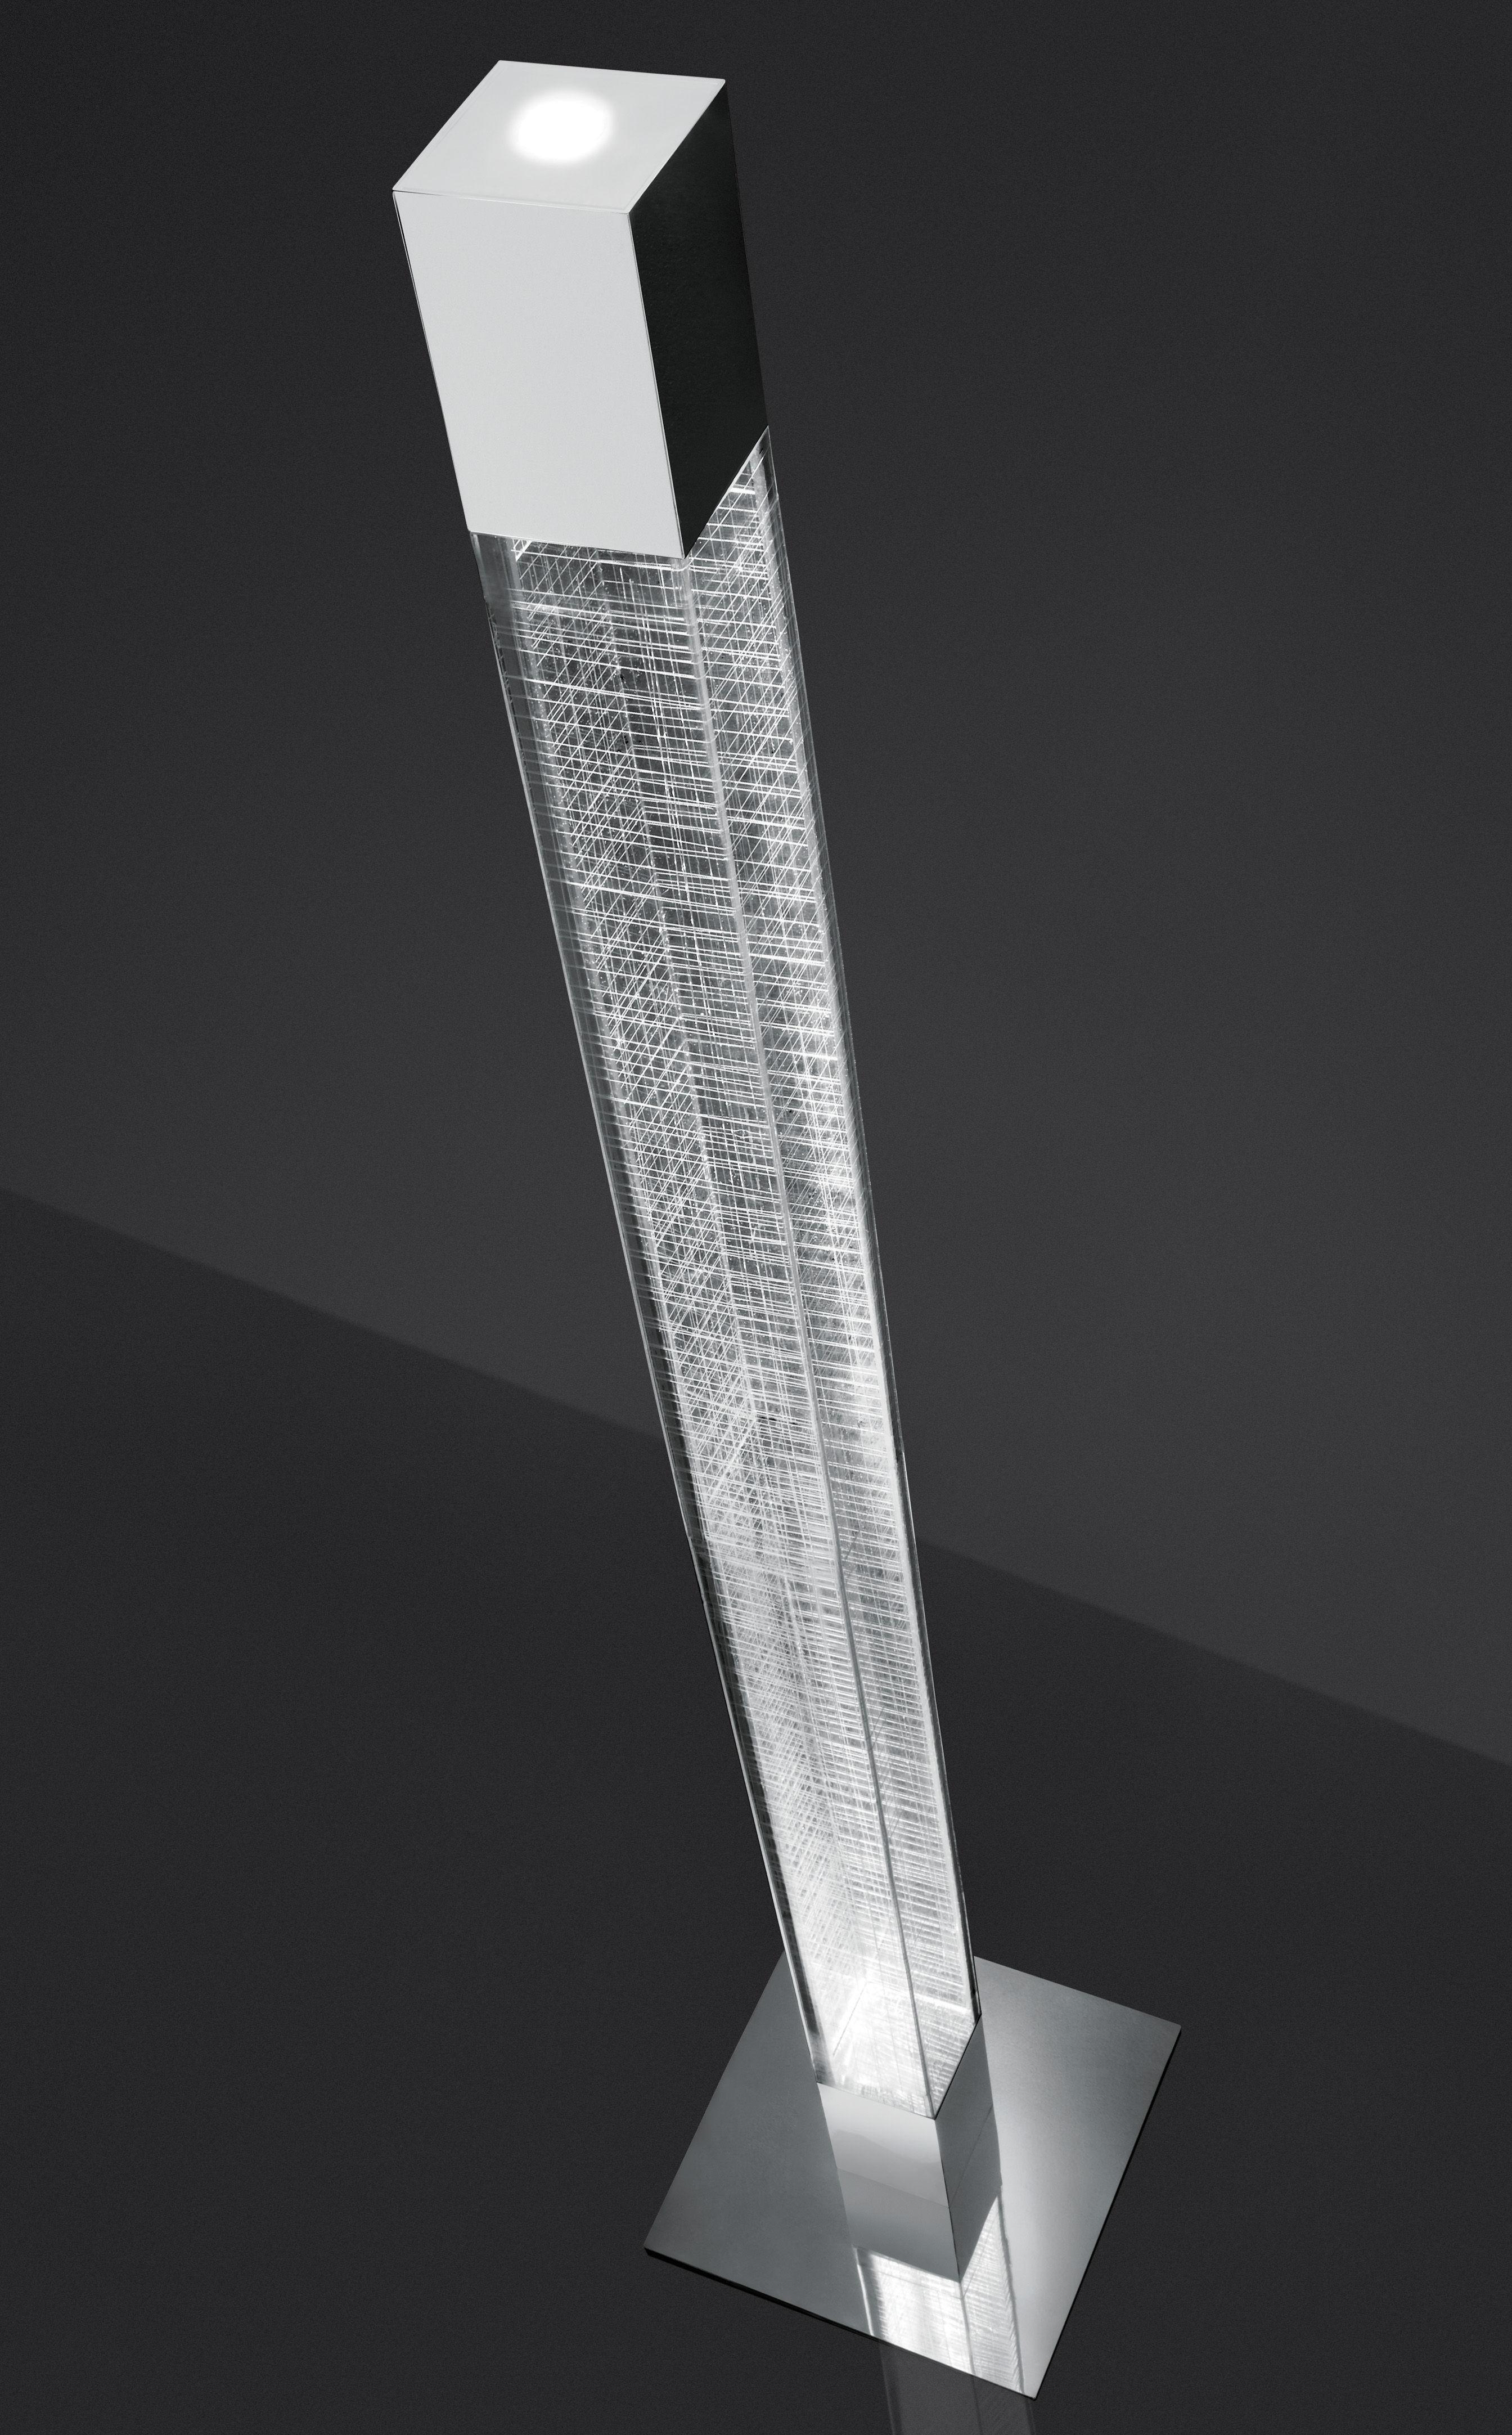 Luminaire - Lampadaires - Lampadaire Mimesi LED / H 193 cm - Artemide - Transparent - Acier poli, Méthacrylate